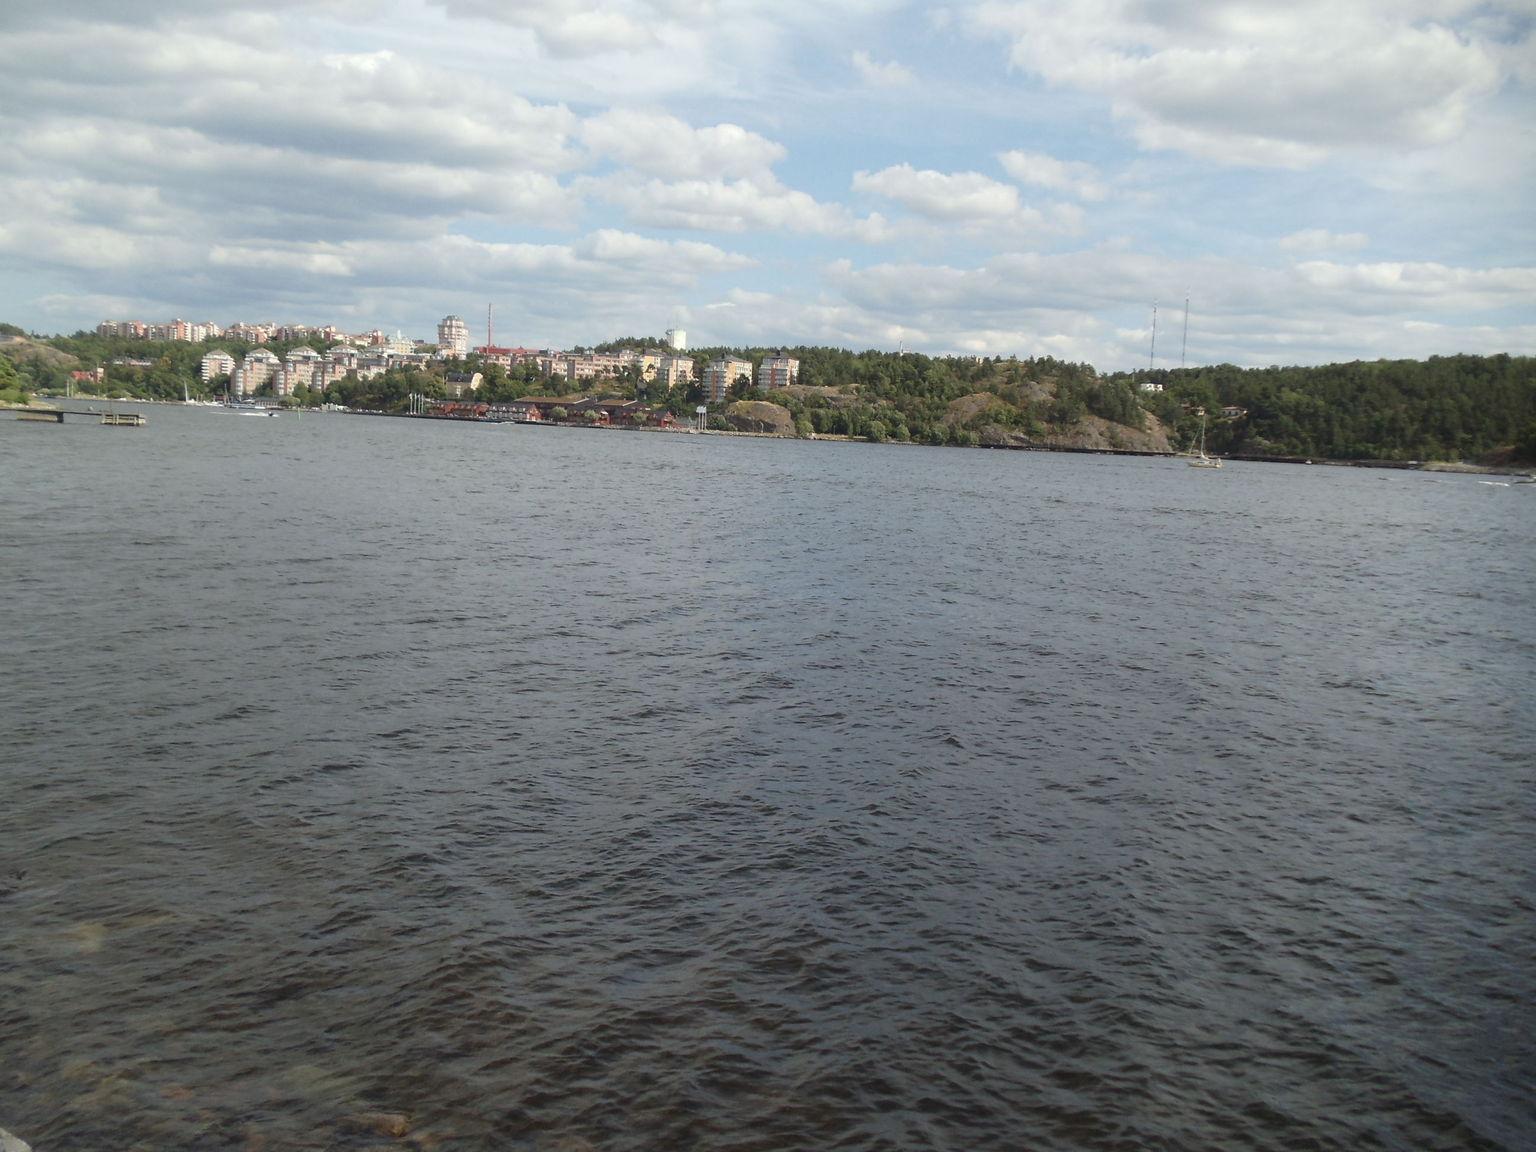 MÁS FOTOS, Recorrido en bicicleta por Estocolmo